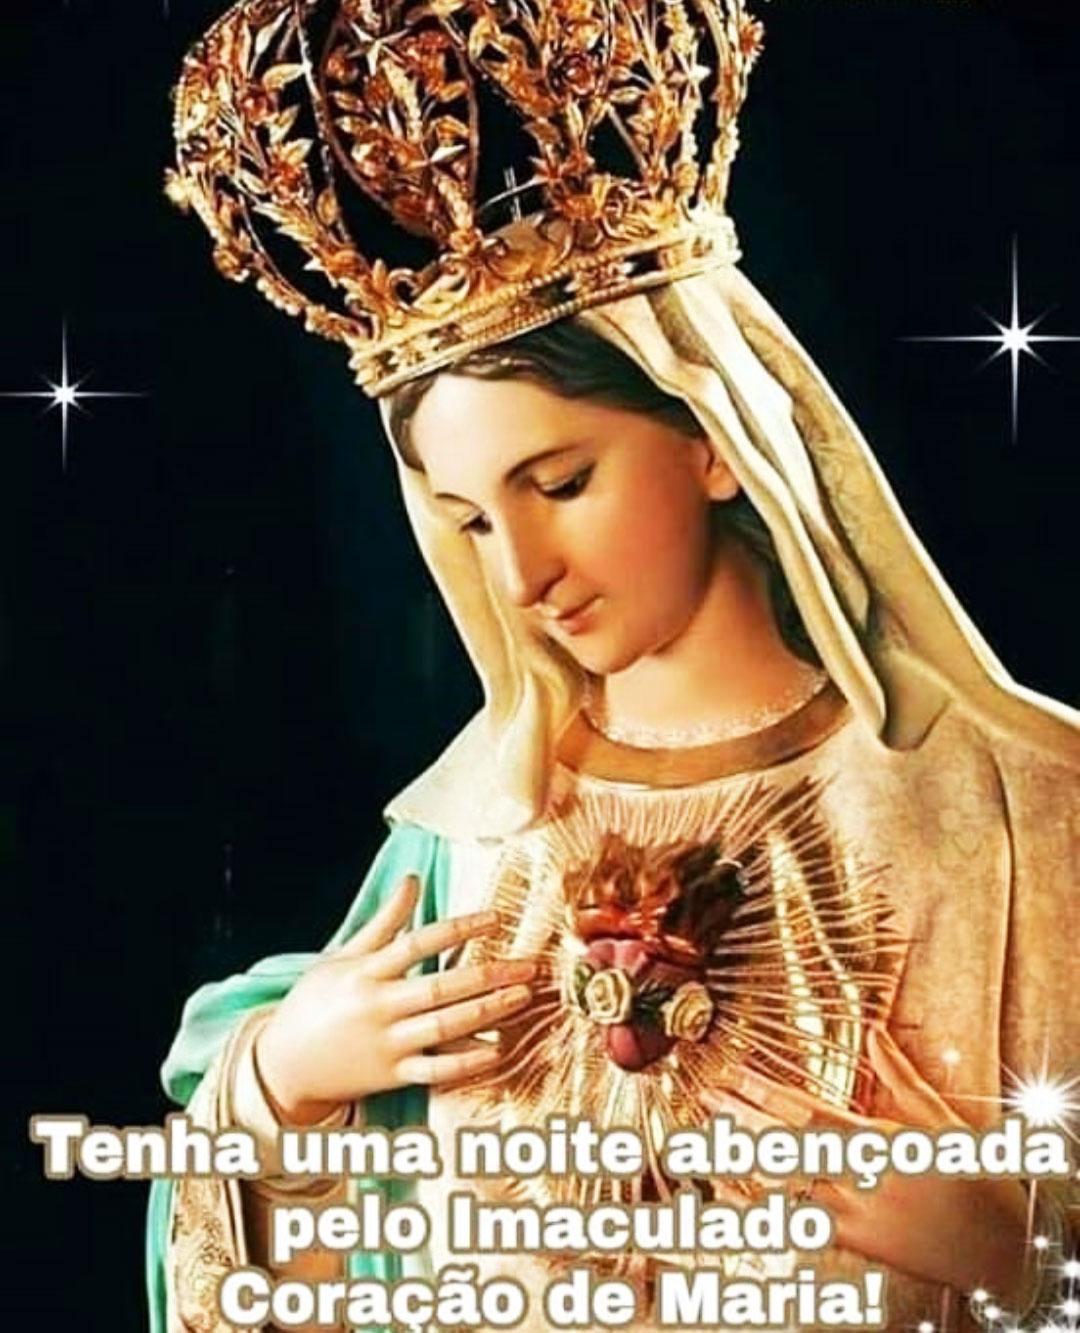 Abençoada pelo Imaculado Coração de Maria